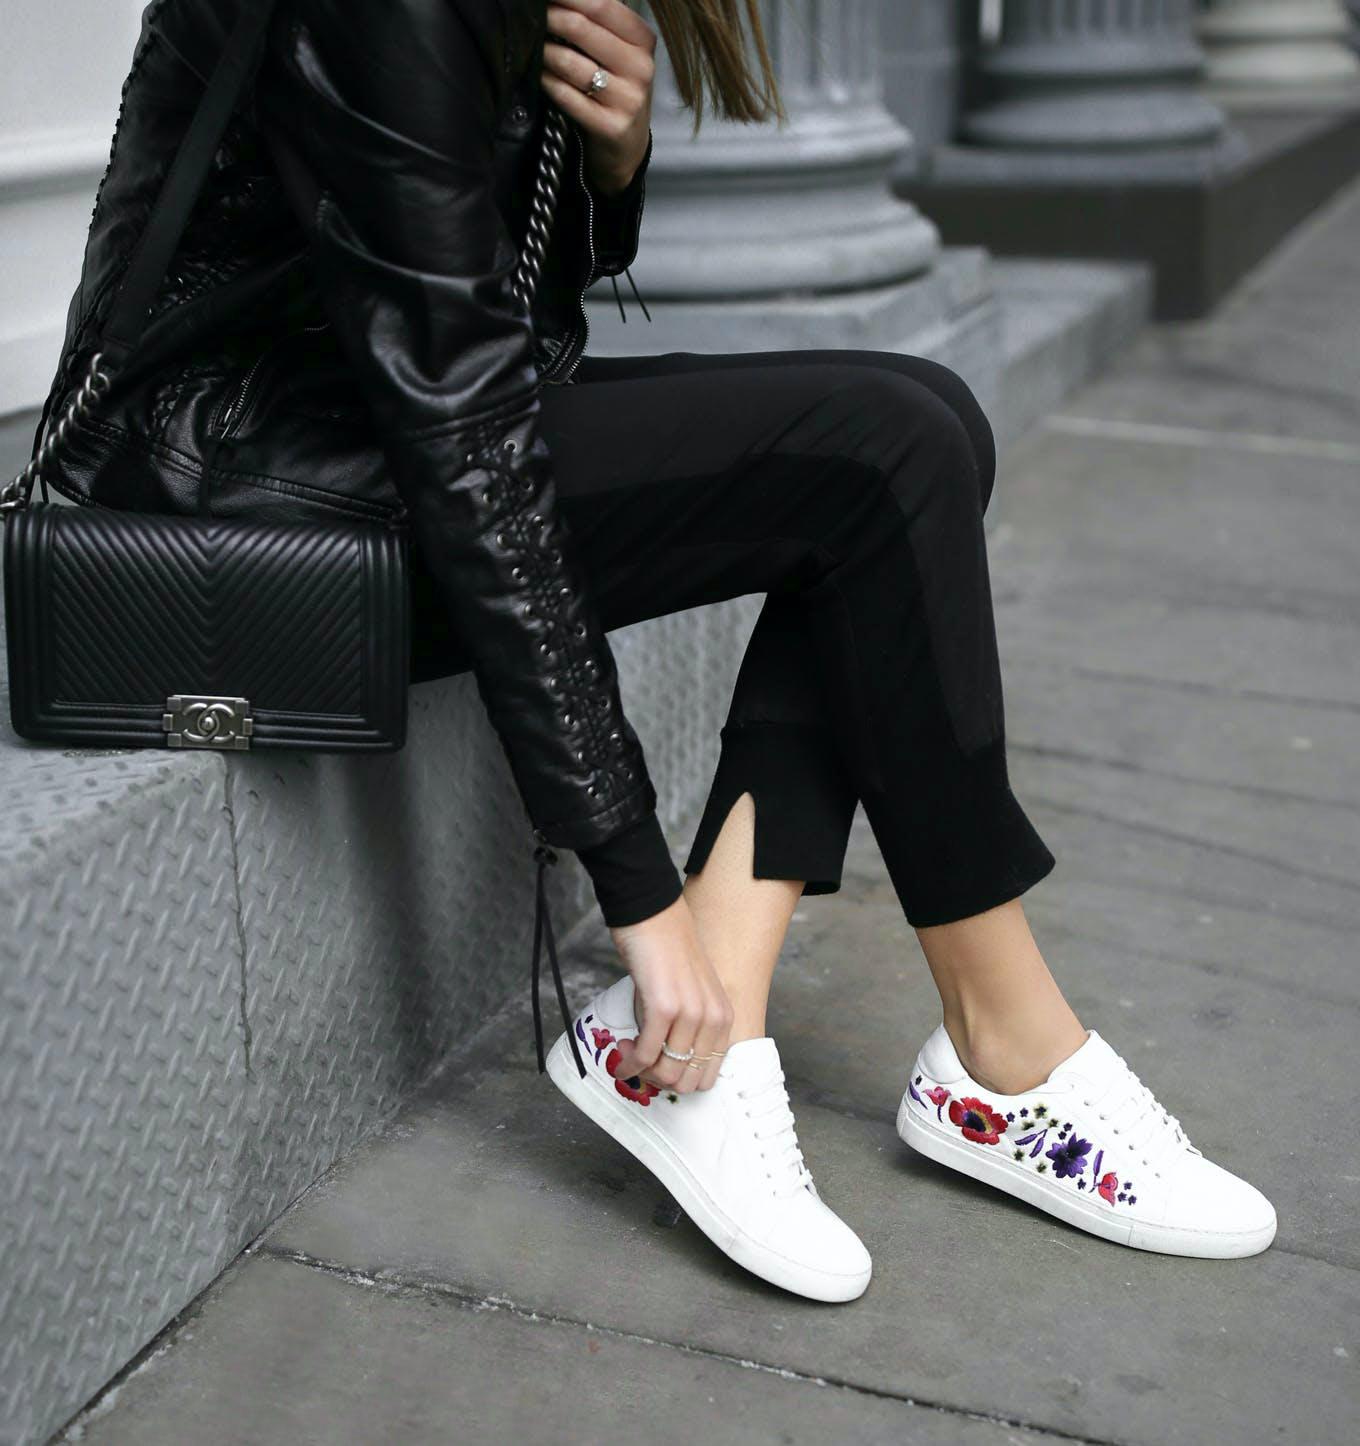 sneakers maximalist shoe trends